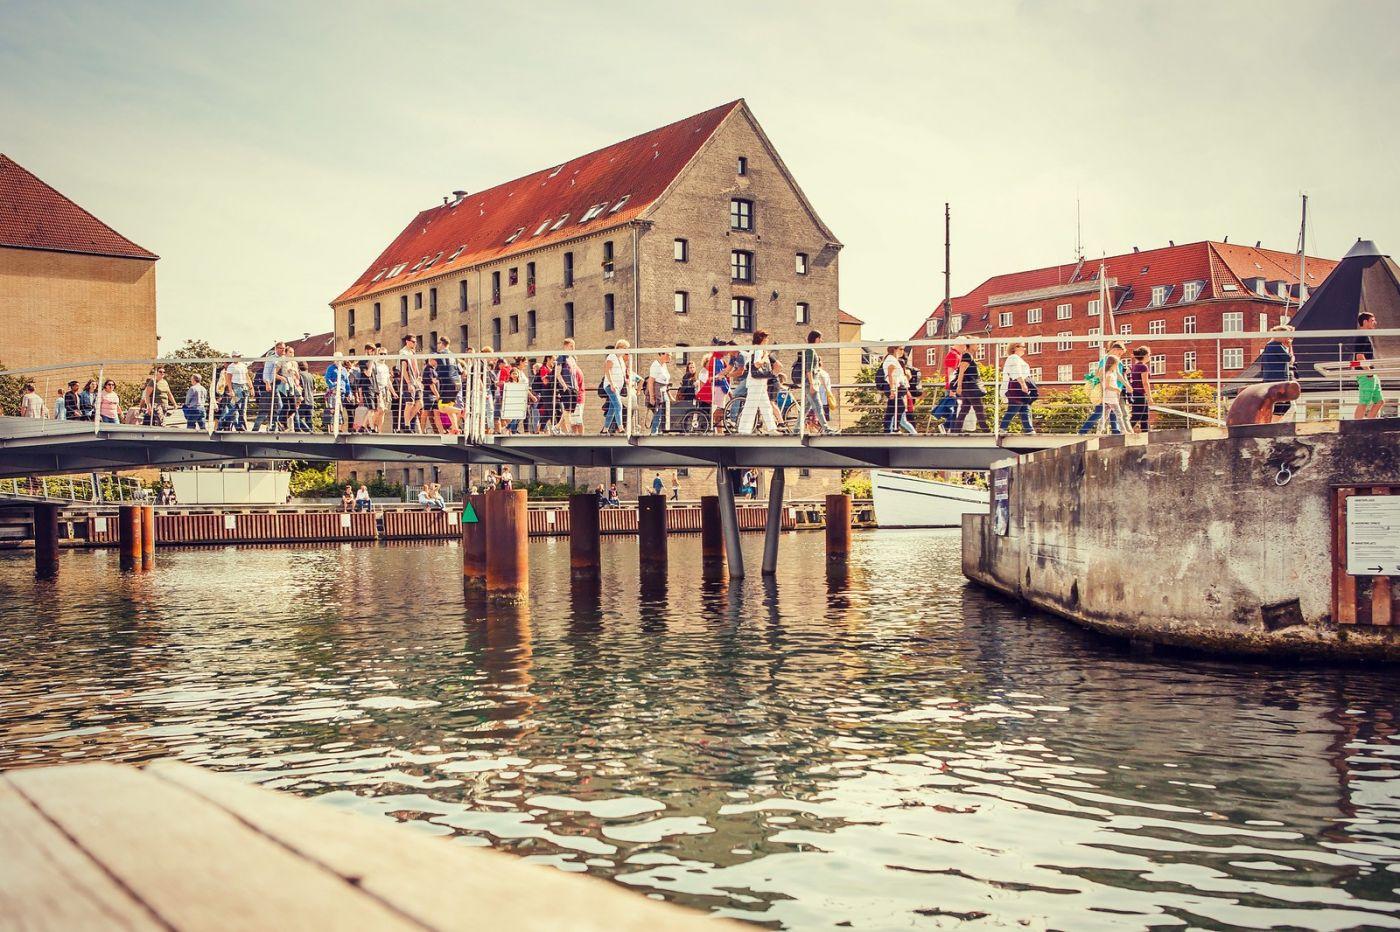 丹麦哥本哈根,新旧融合的城市_图1-8